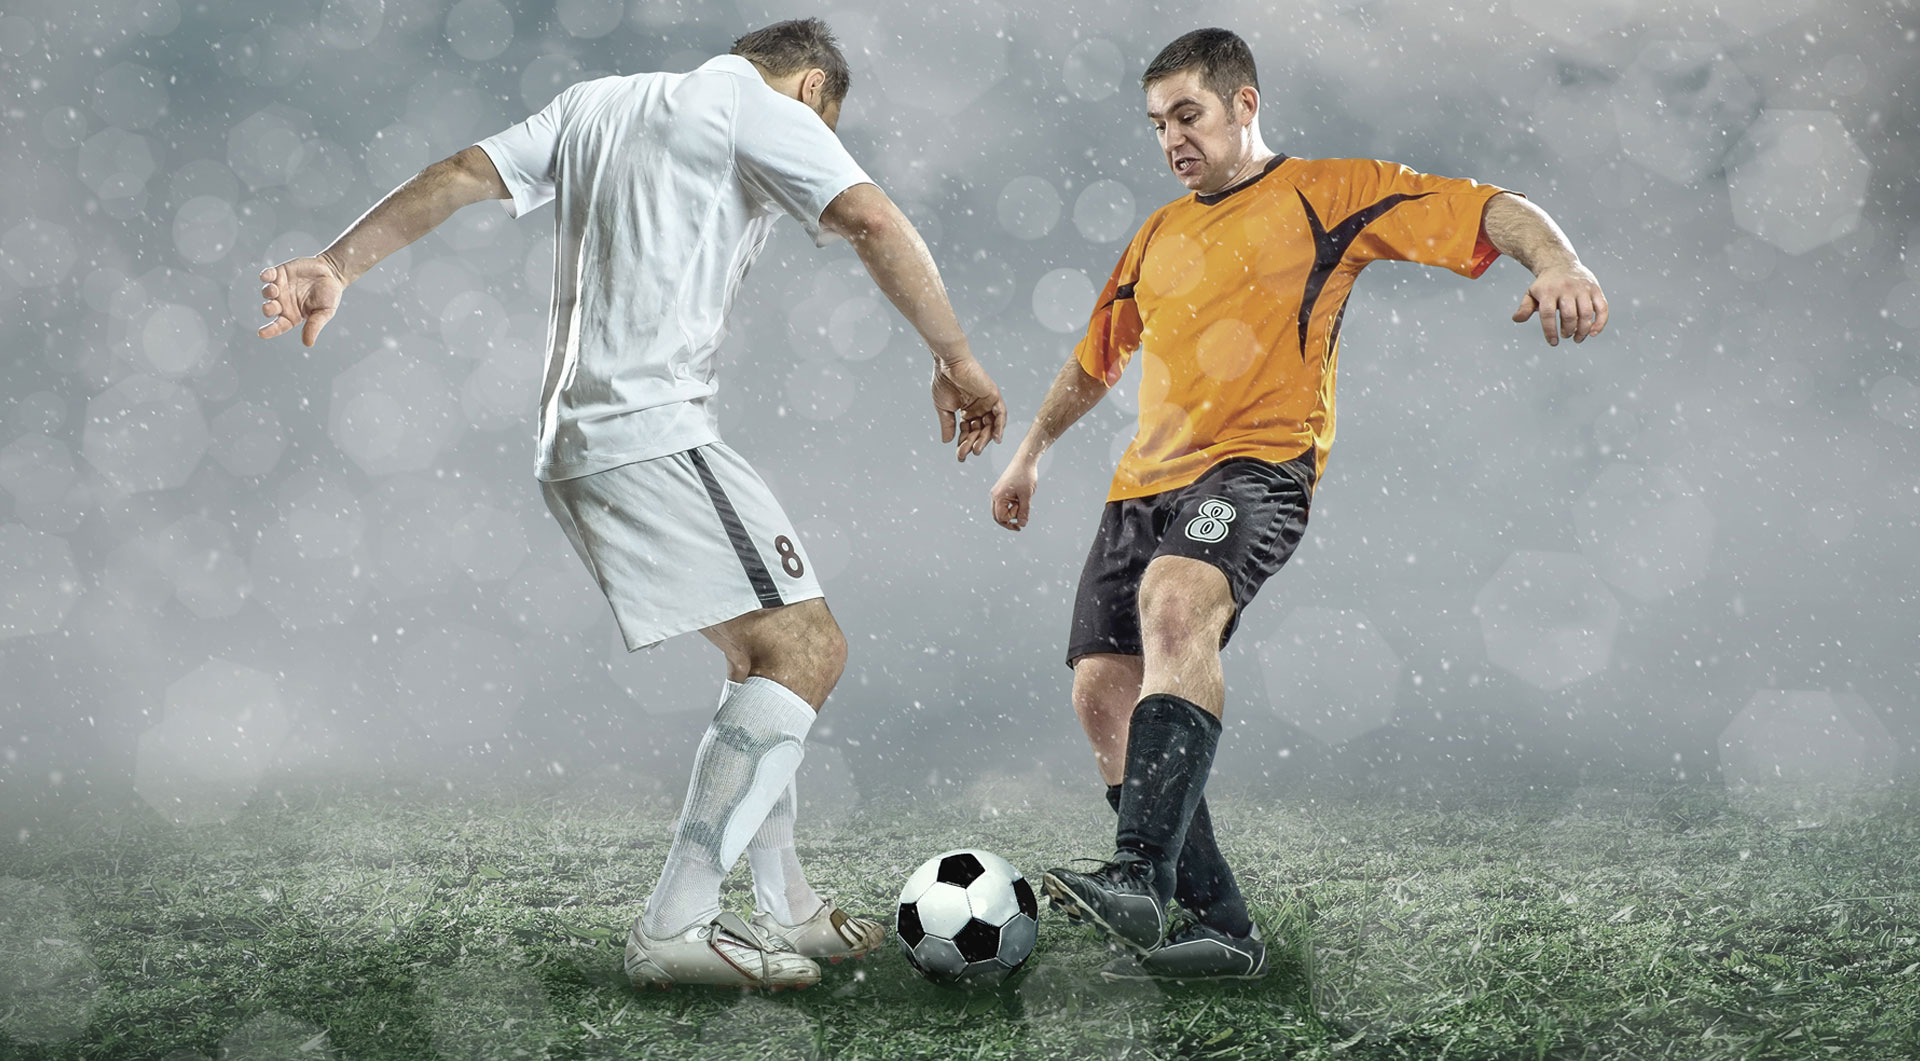 watch-shuai-peng-vs-agnieszka-radwanska-2nd-round-us-open-2014-live